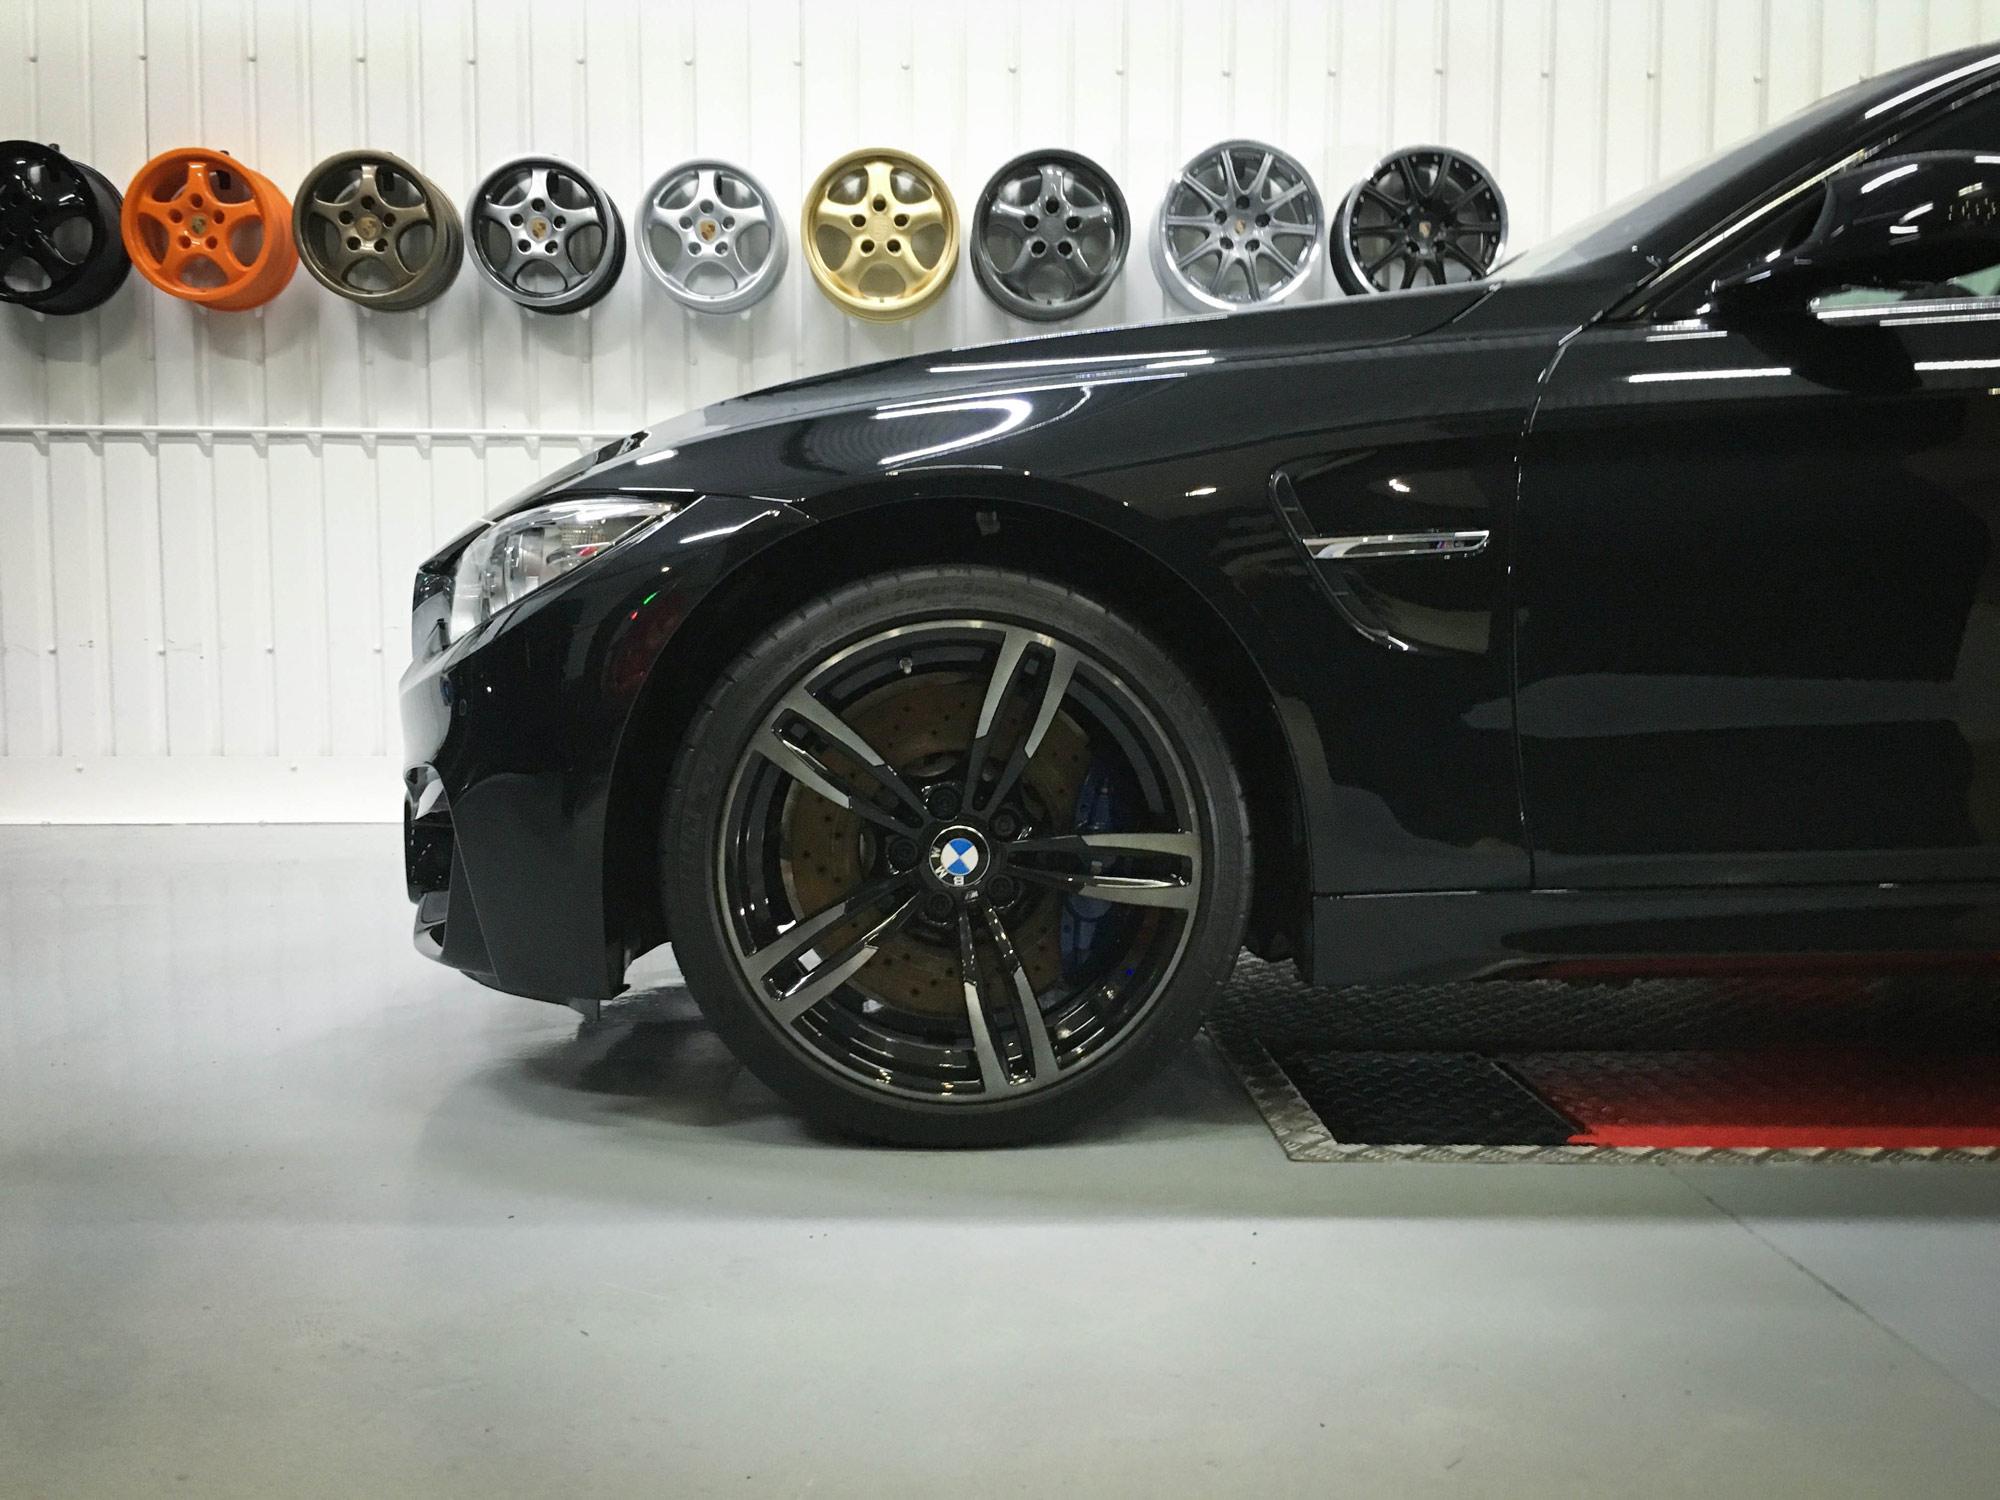 BMW-M4-Front-Wheel-alloys